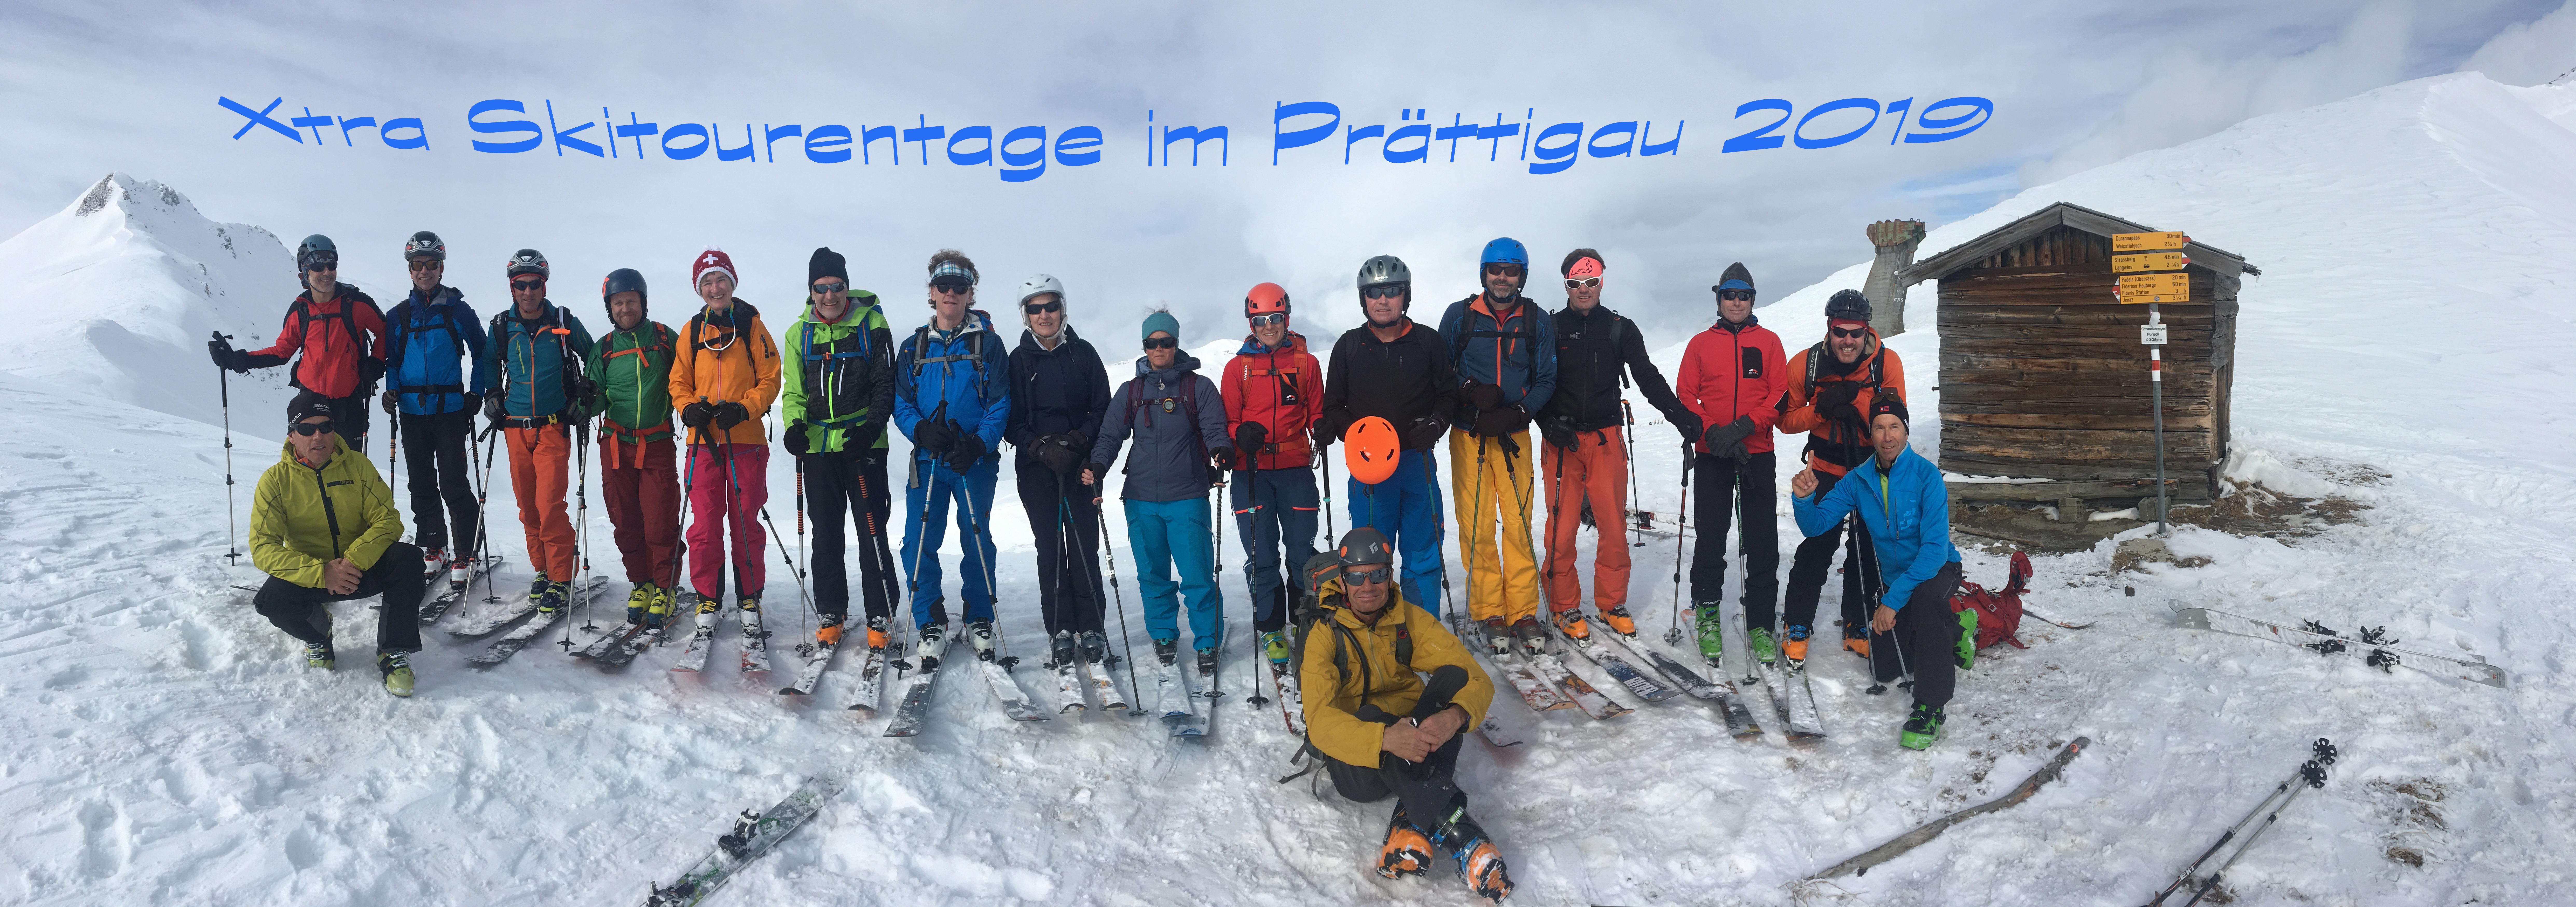 Skitourentage Prättigau